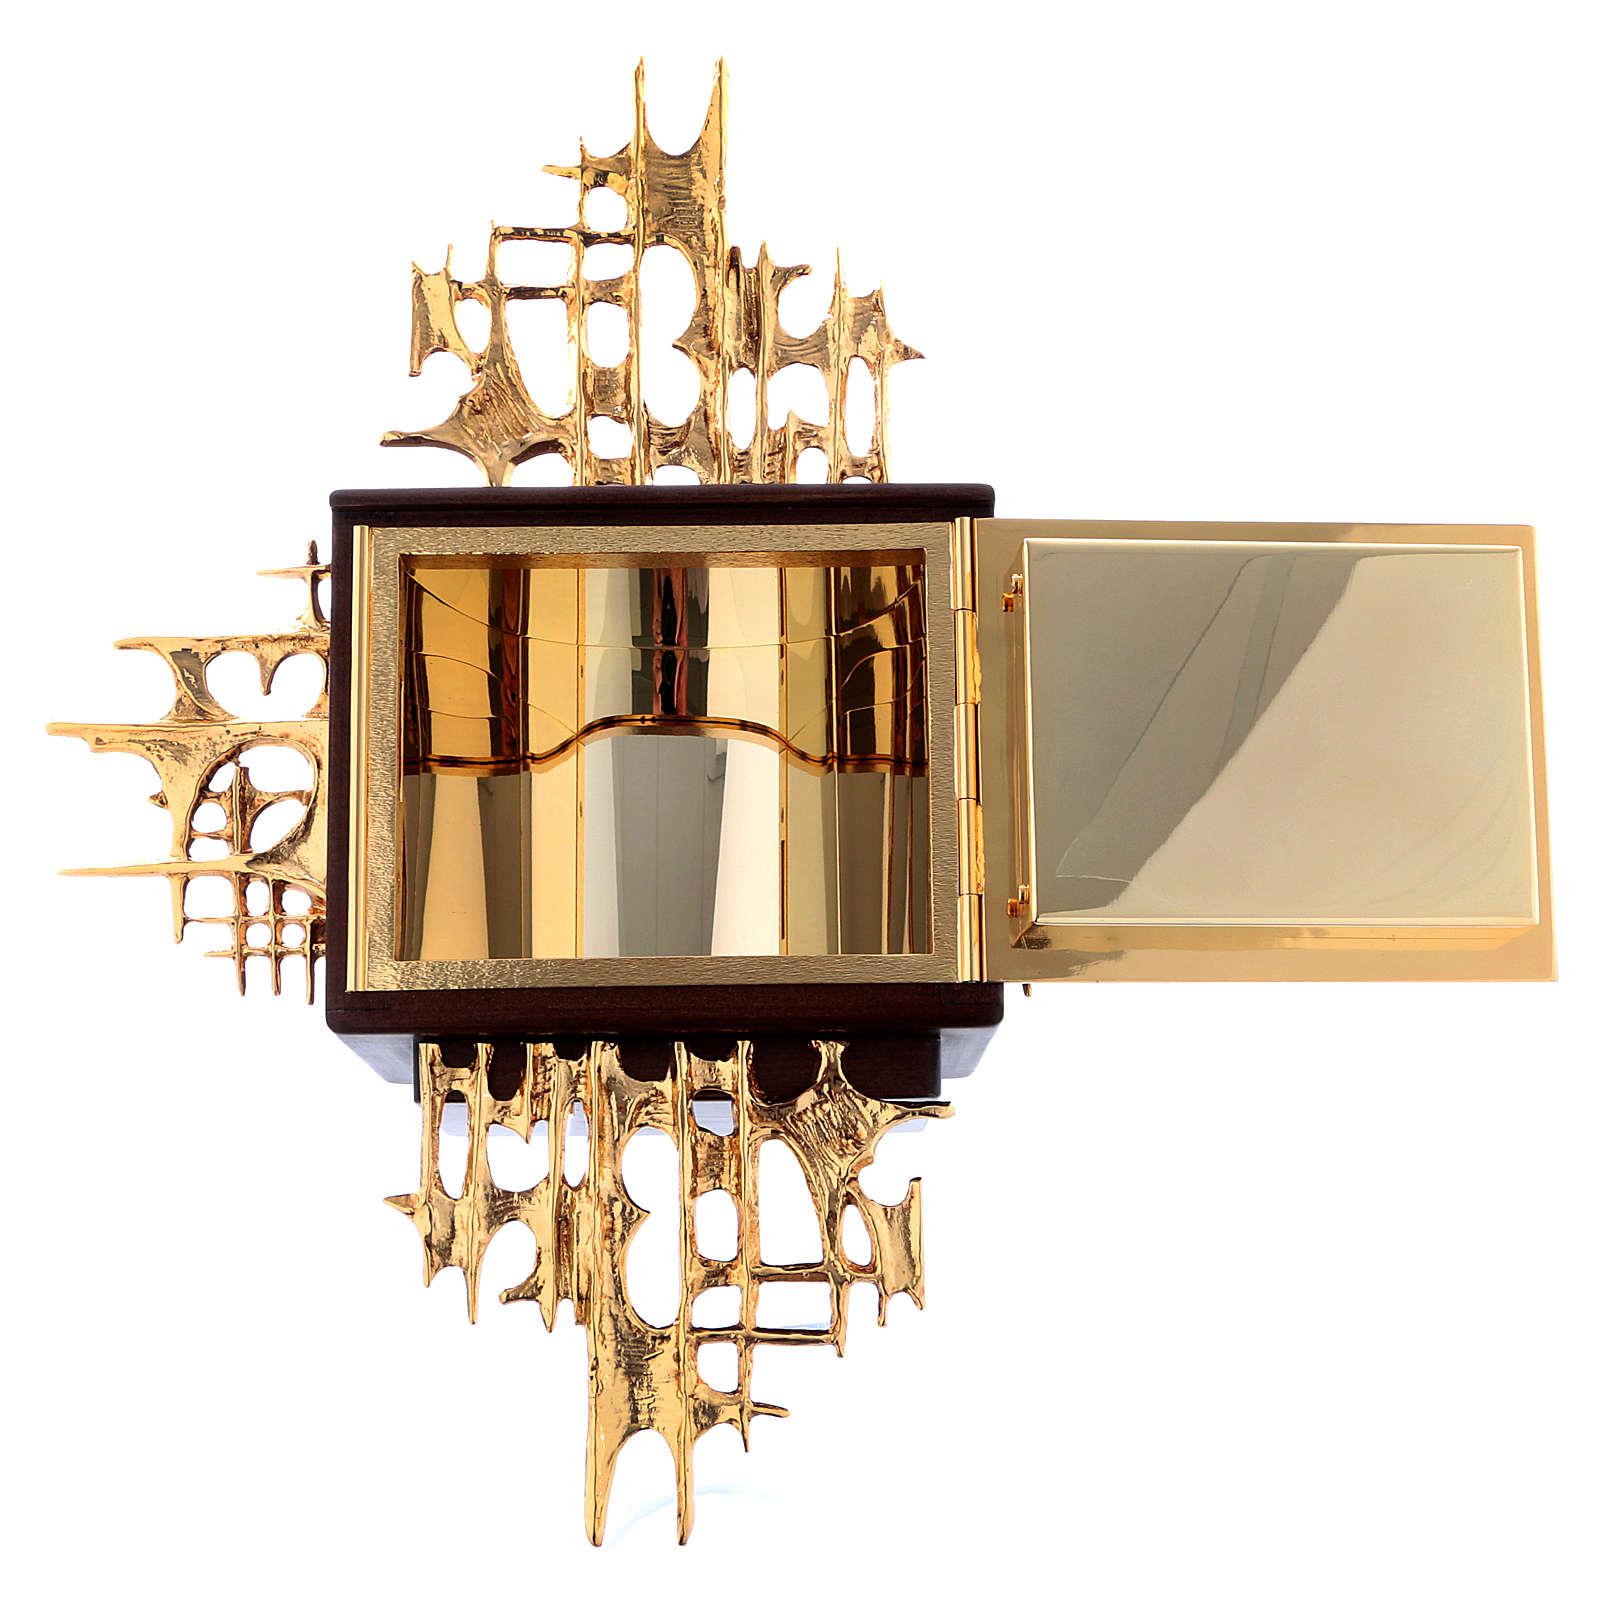 Tabernacolo a muro legno e ottone oro argento Ultima Cena 4